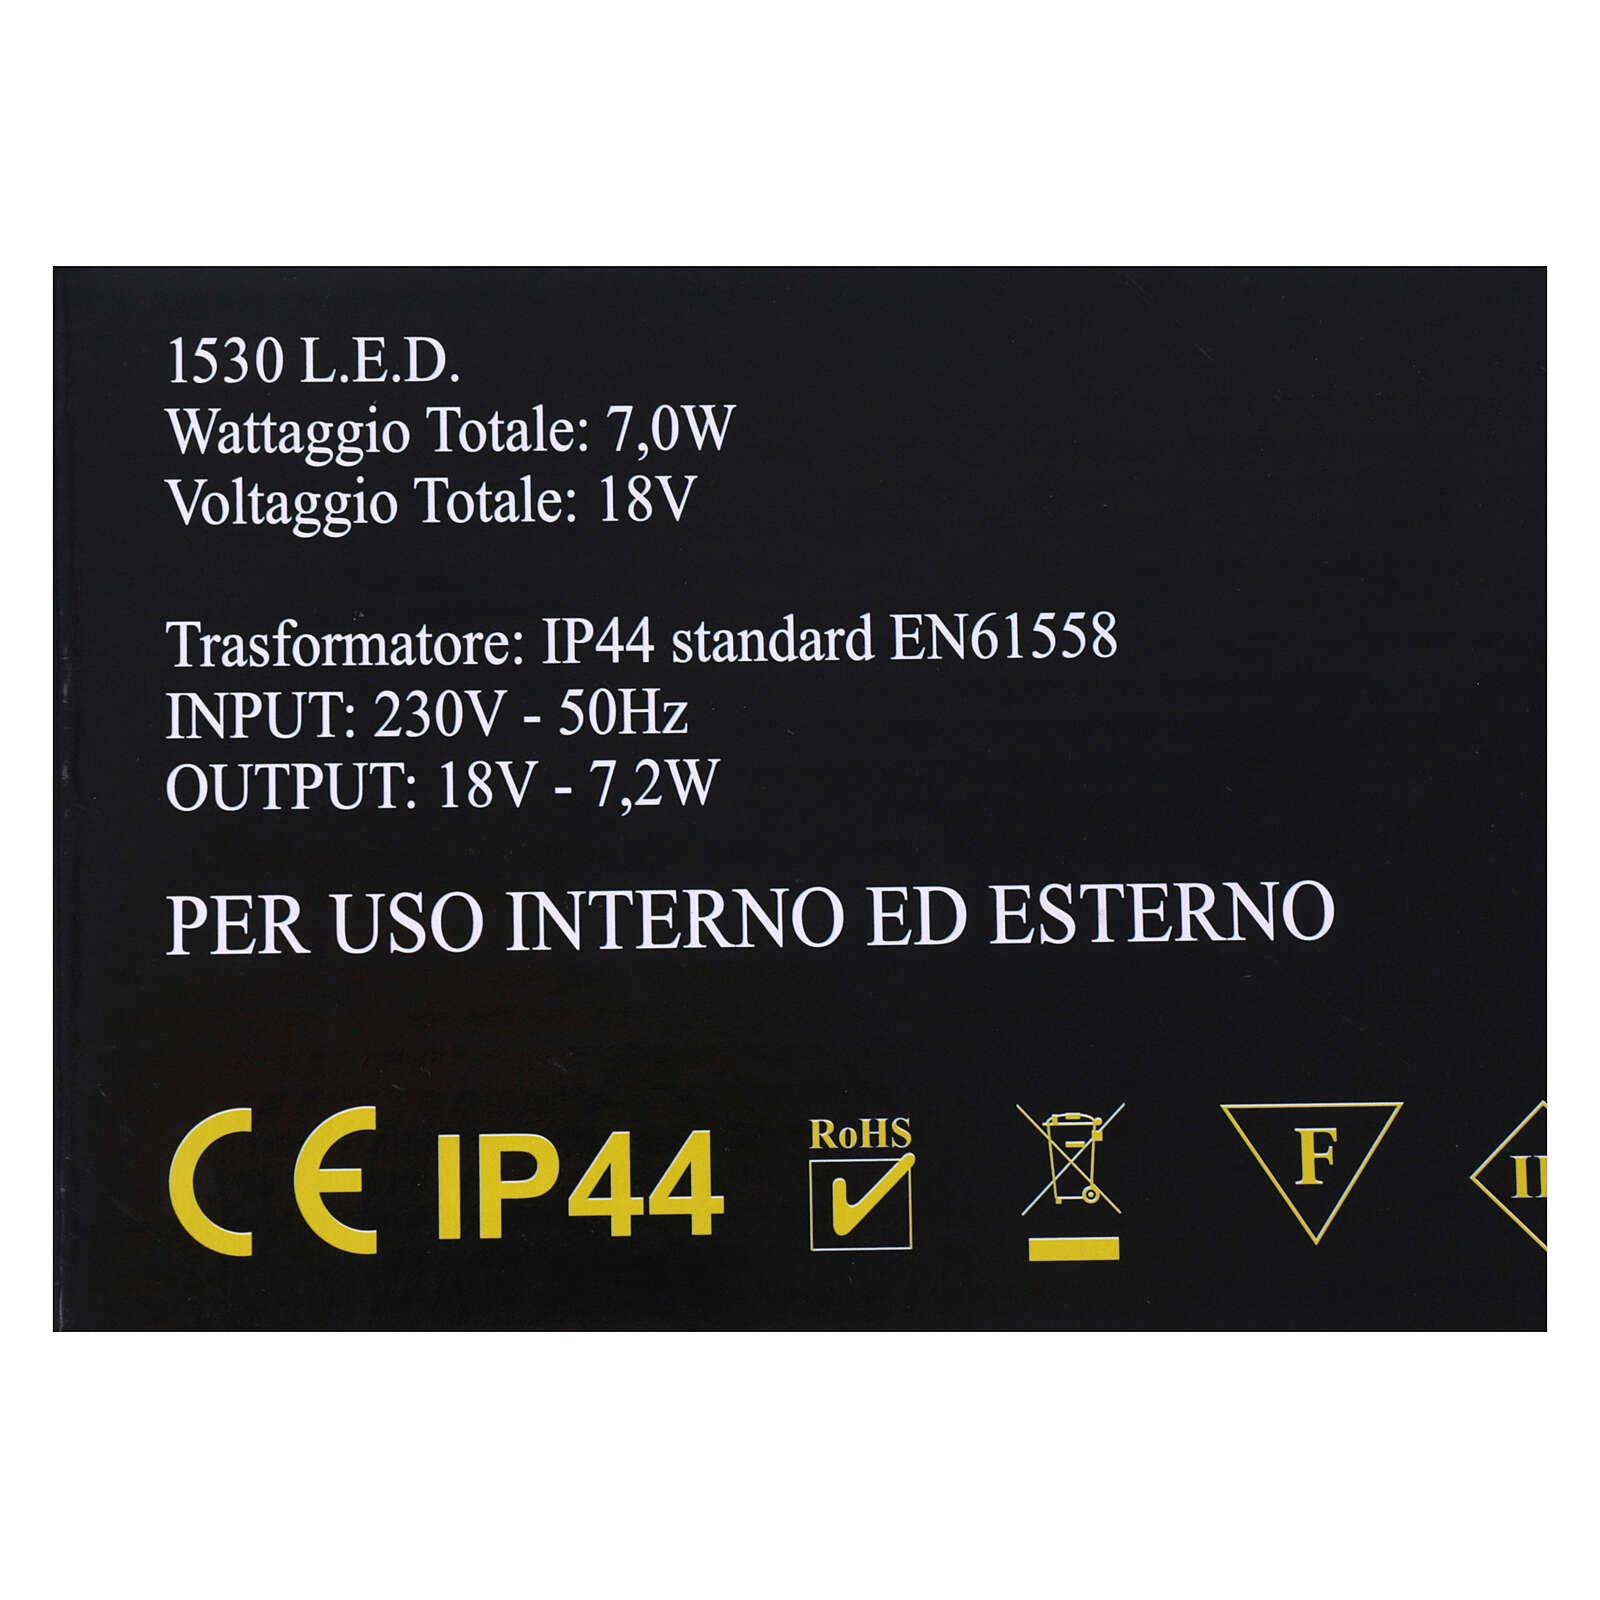 Illuminazione Cascata 1530 nanoled bianco caldo interno esterno 3